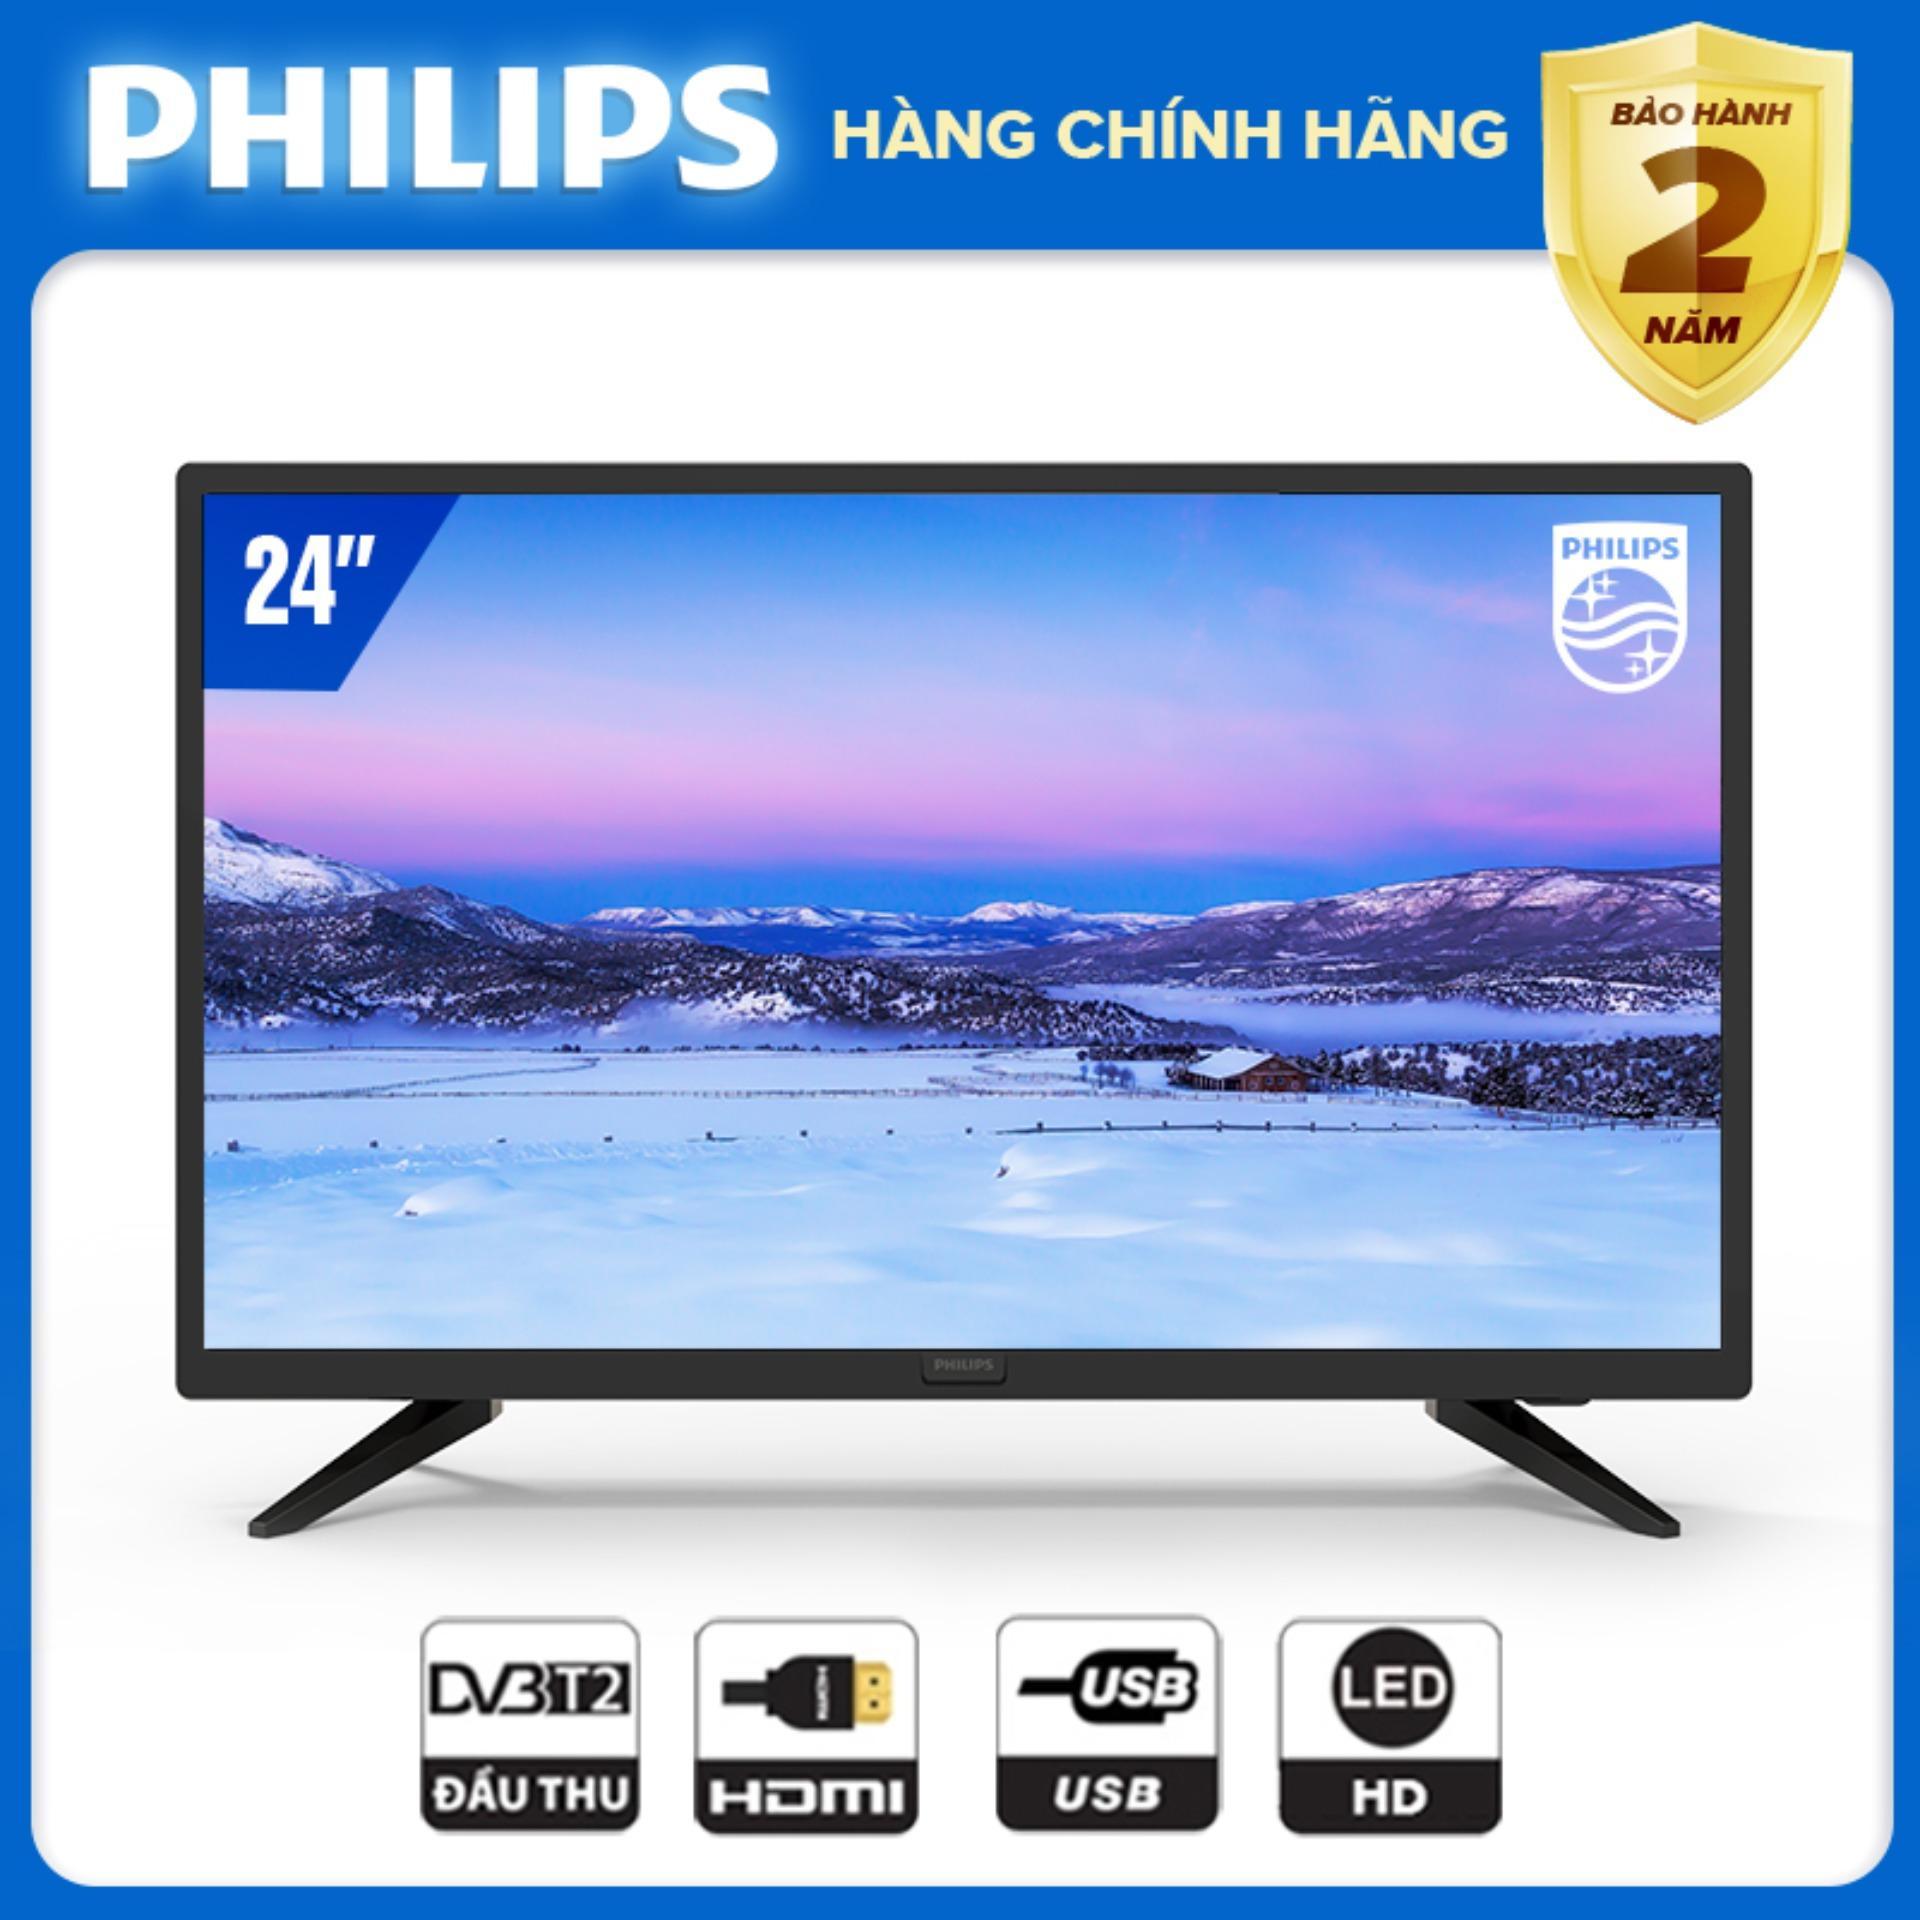 TIVI PHILIPS 24 INCH 24PHT4003S/74 LED HD (.DIGITAL TV DVB-T2 - HÀNG THÁI LAN) - TIVI GIÁ RẺ - TẶNG USB CỰC CHẤT 16G - BẢO HÀNH CHÍNH HÃNG 2 NĂM TẠI NHÀ.